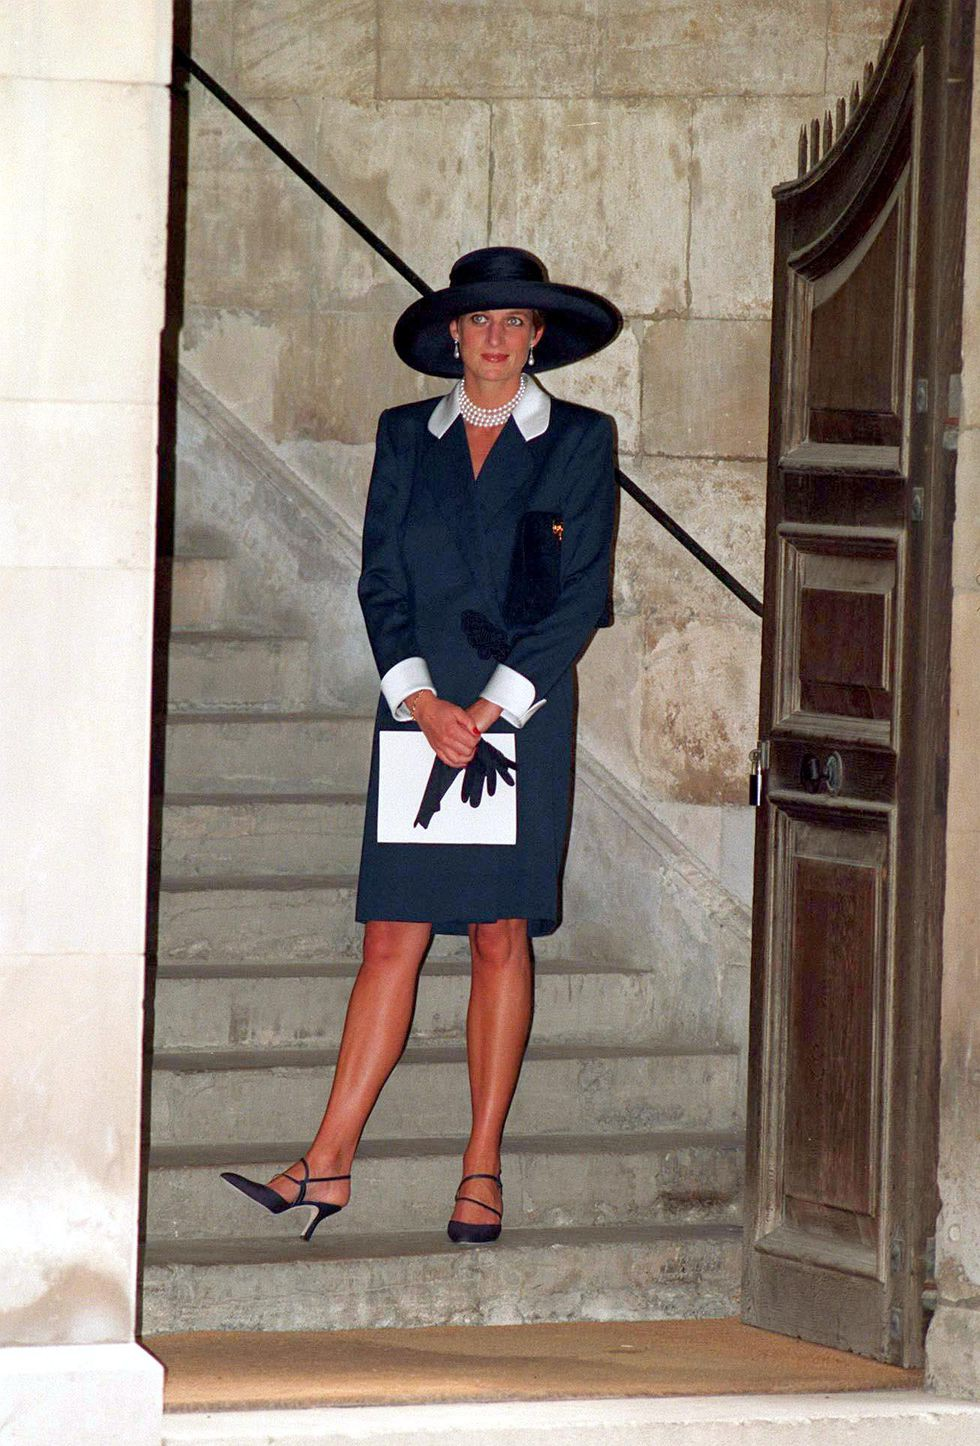 Đi đám cưới mà diện nào jumpsuit, nào đồ menswear, Công nương Diana chính là nữ nhân Hoàng gia có style dự đám cưới chất chơi nhất - Ảnh 14.